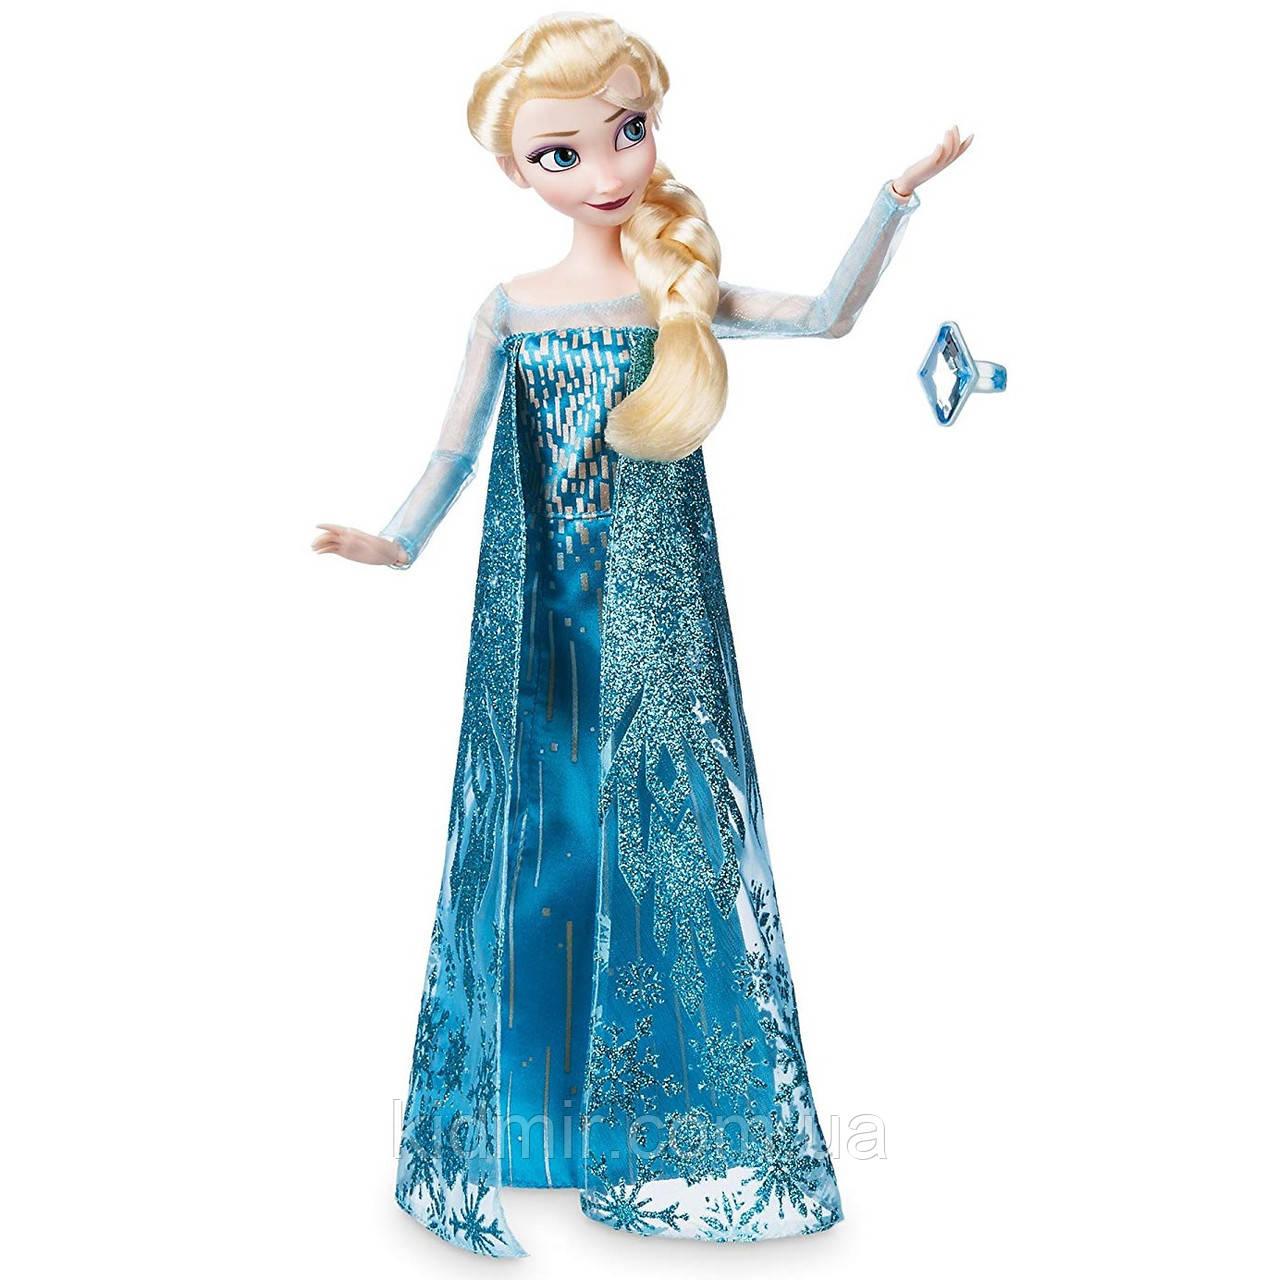 Дісней принцеса Ельза Холодне серце з кільцем Elsa Frozen Disney